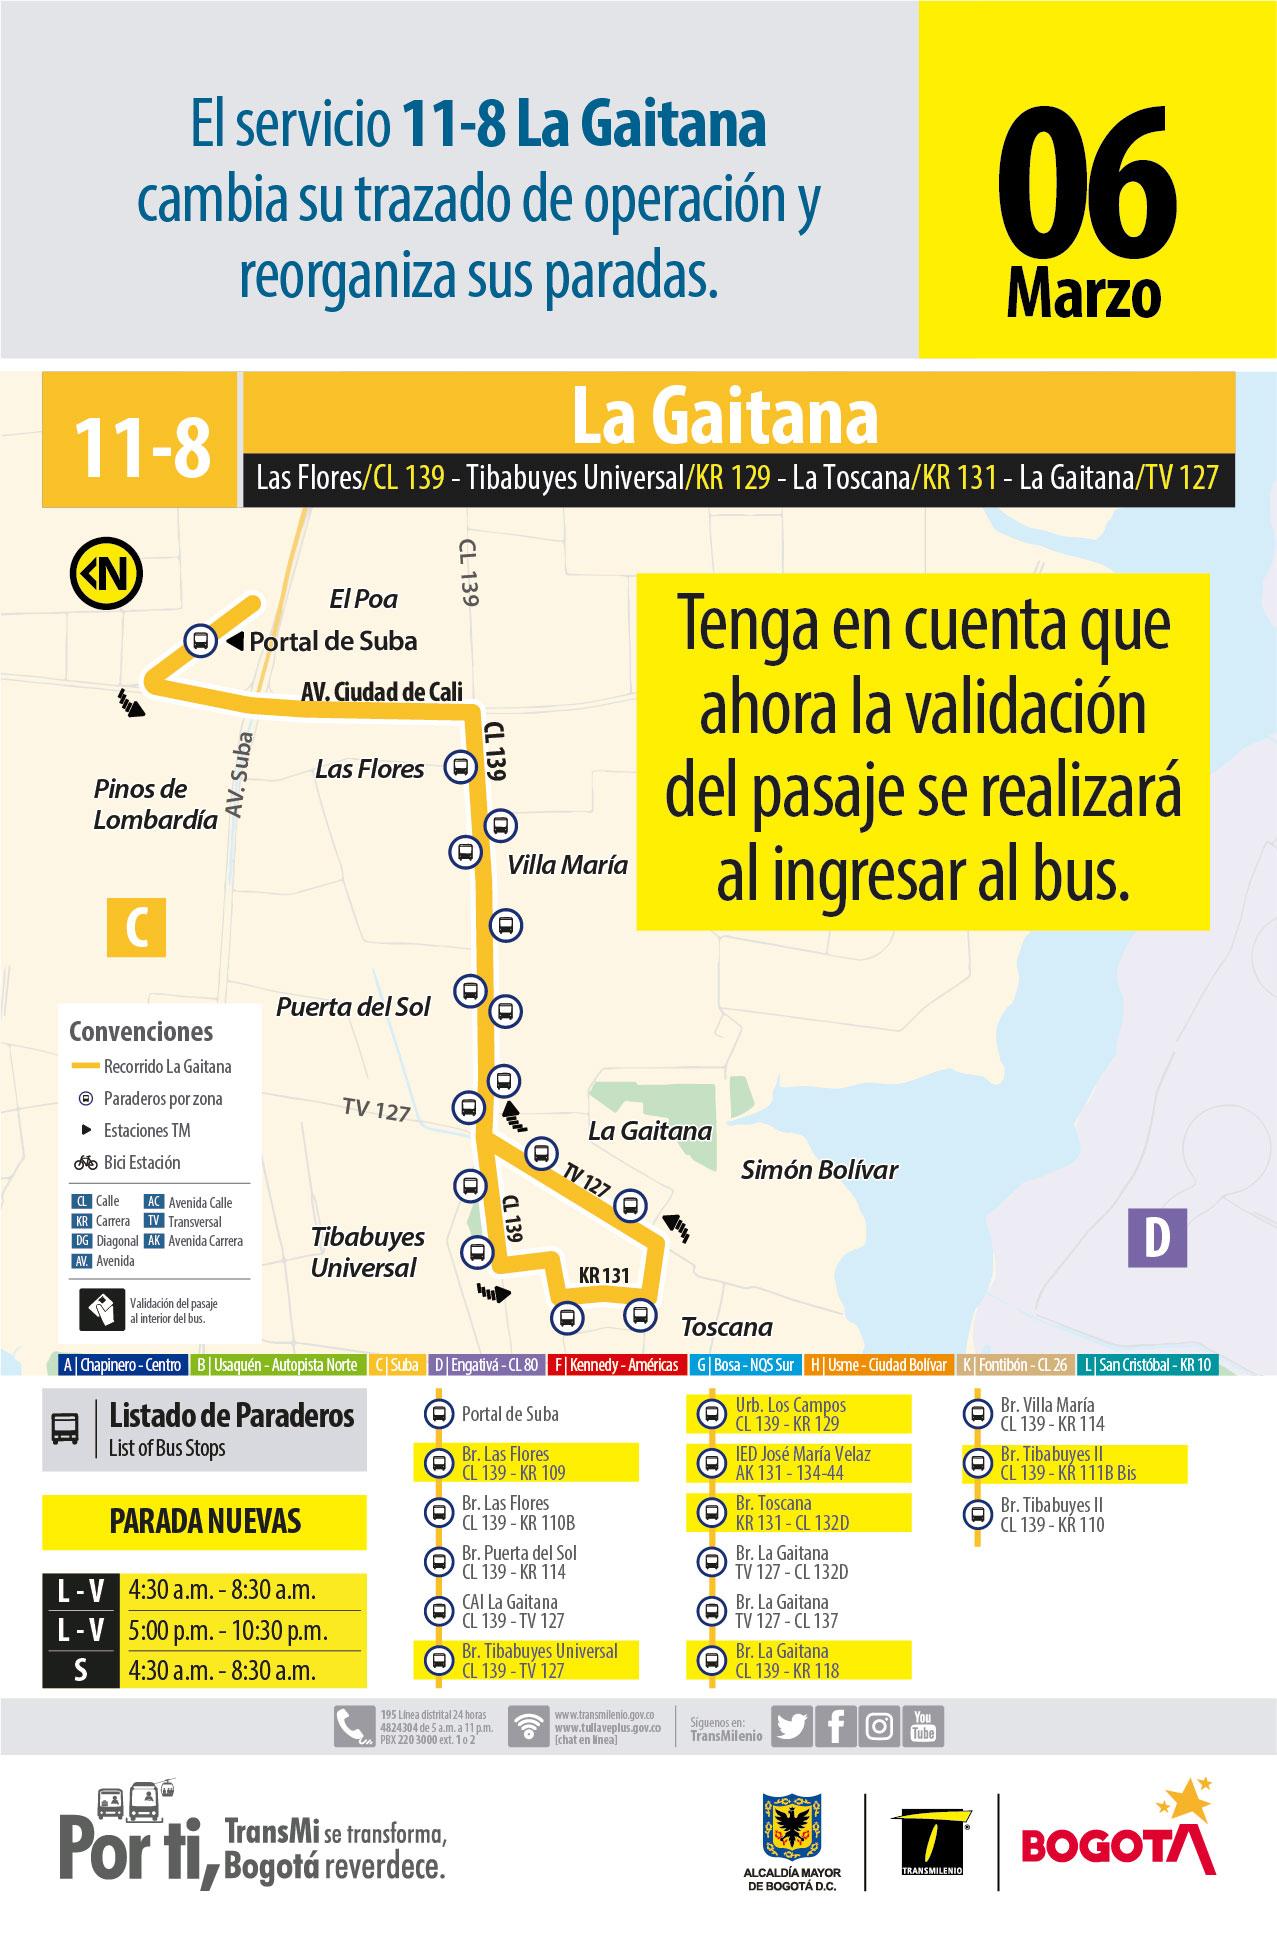 11-8 La Gaitana